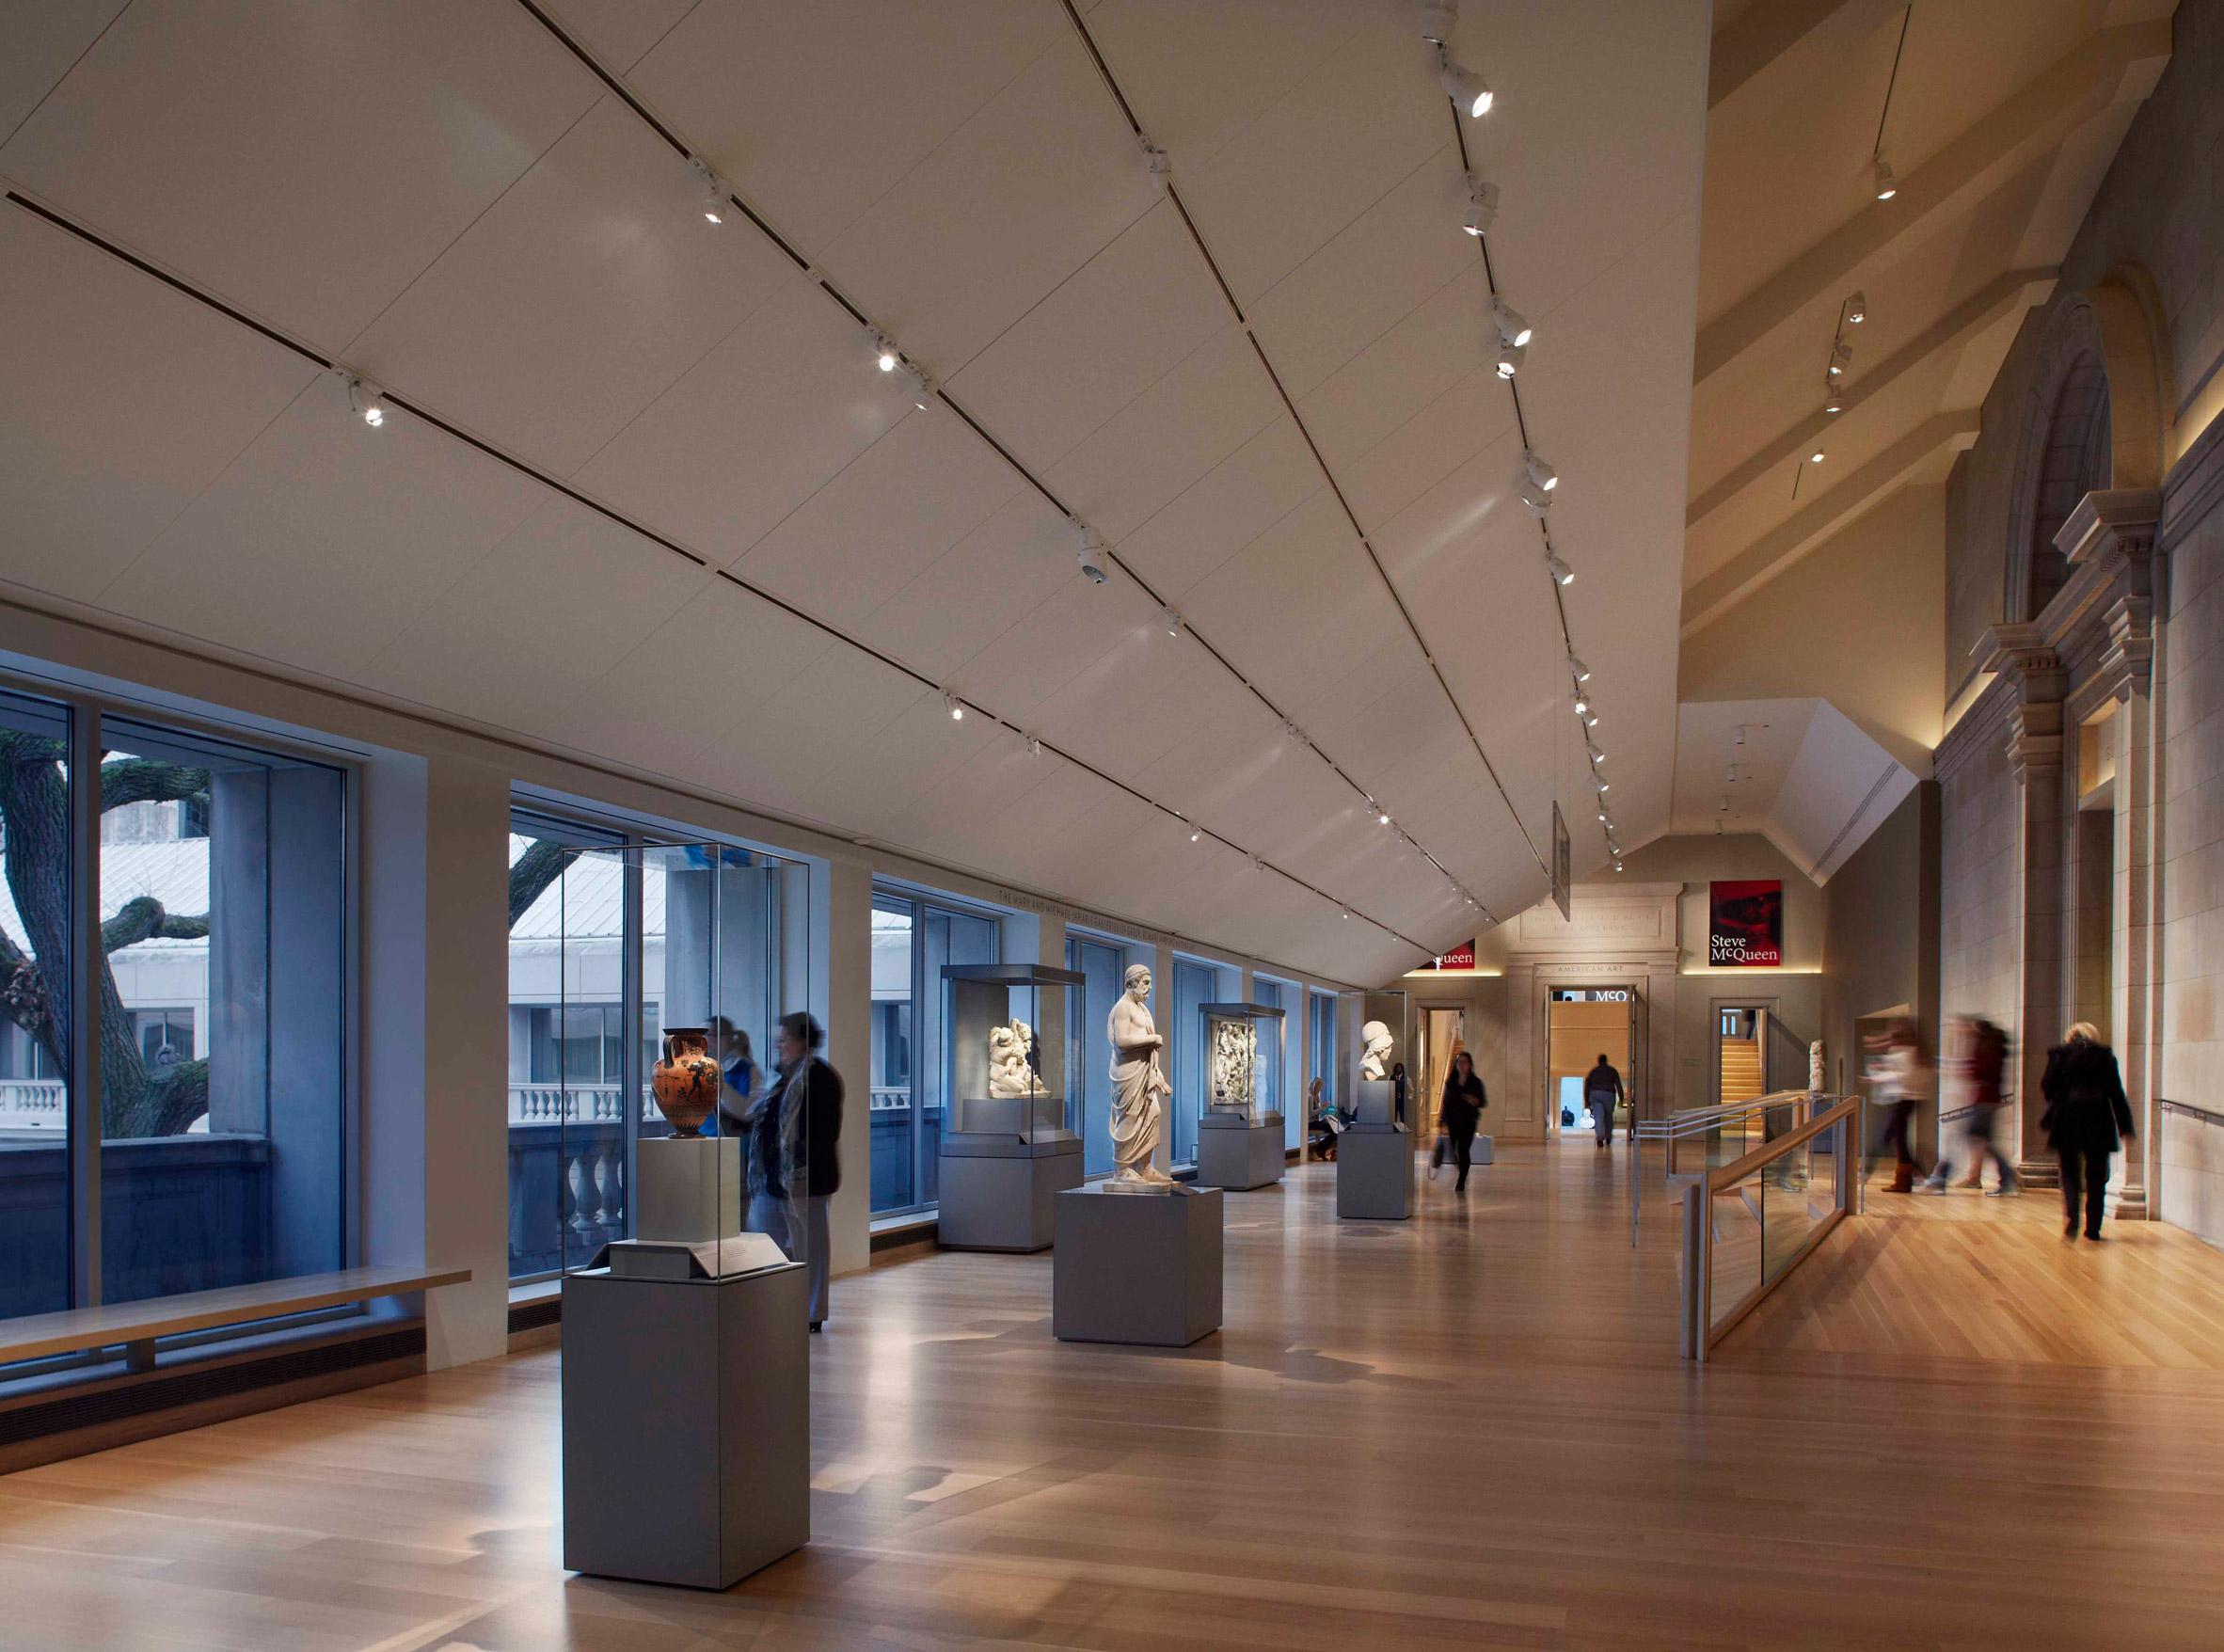 Ancient galleries at Art Institute Chicago